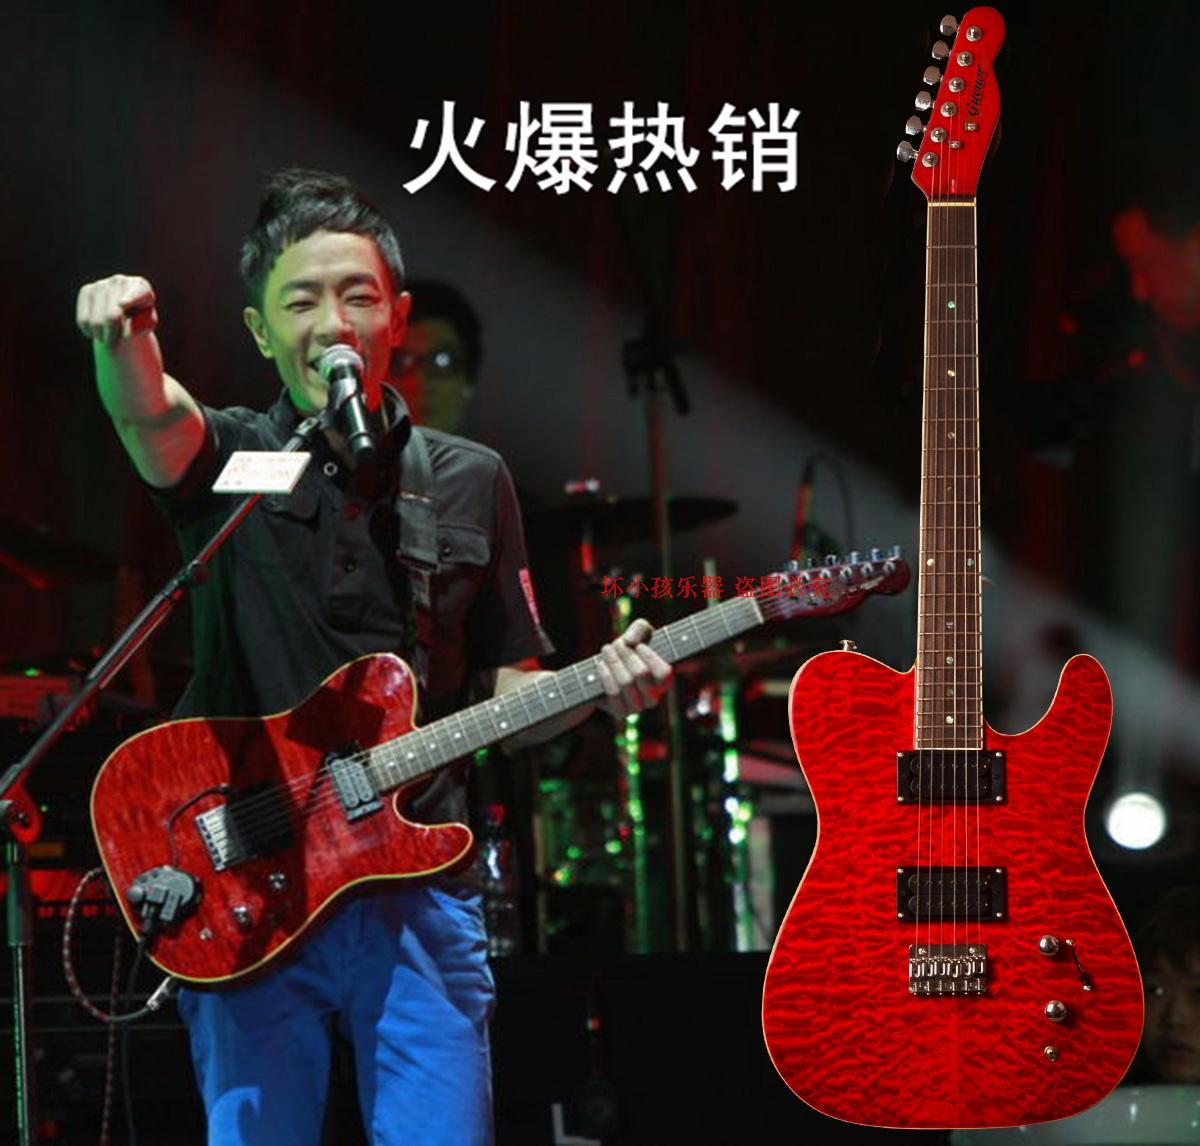 黄贯中金花电吉他初学者金属010-3600一体琴入门电吉他摇滚可切单